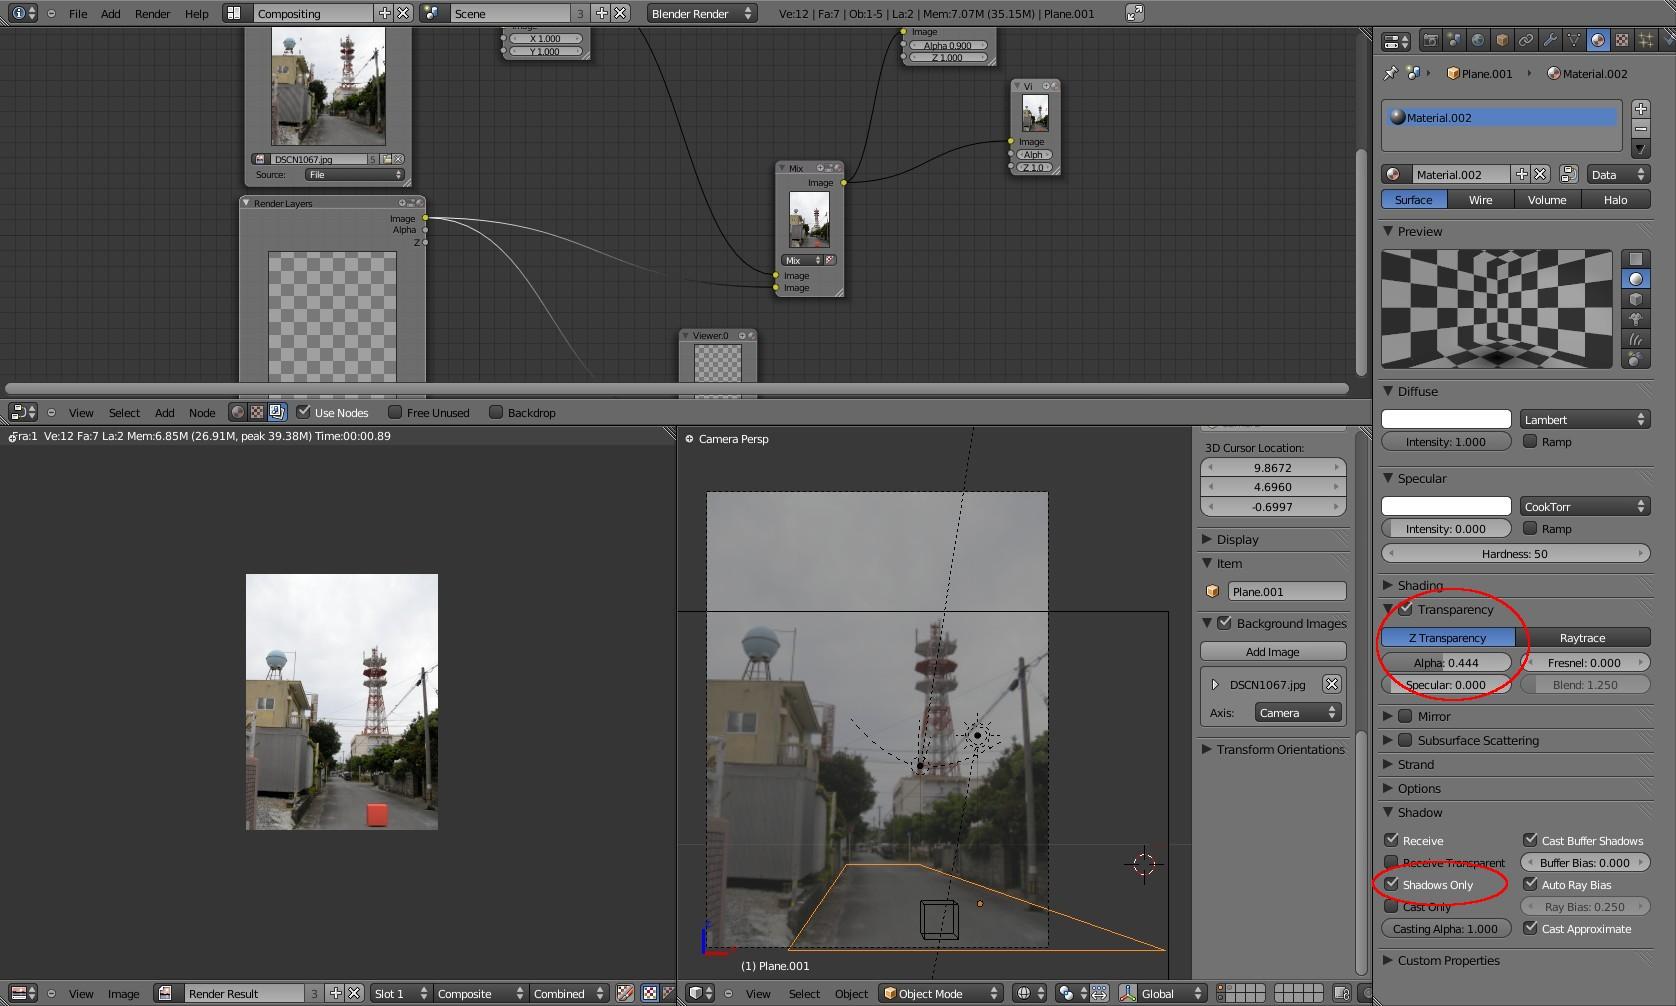 blender 3d tutorial『2Dのイラストの背景画や風景写真との3D合成方法』_a0011382_16452156.jpg